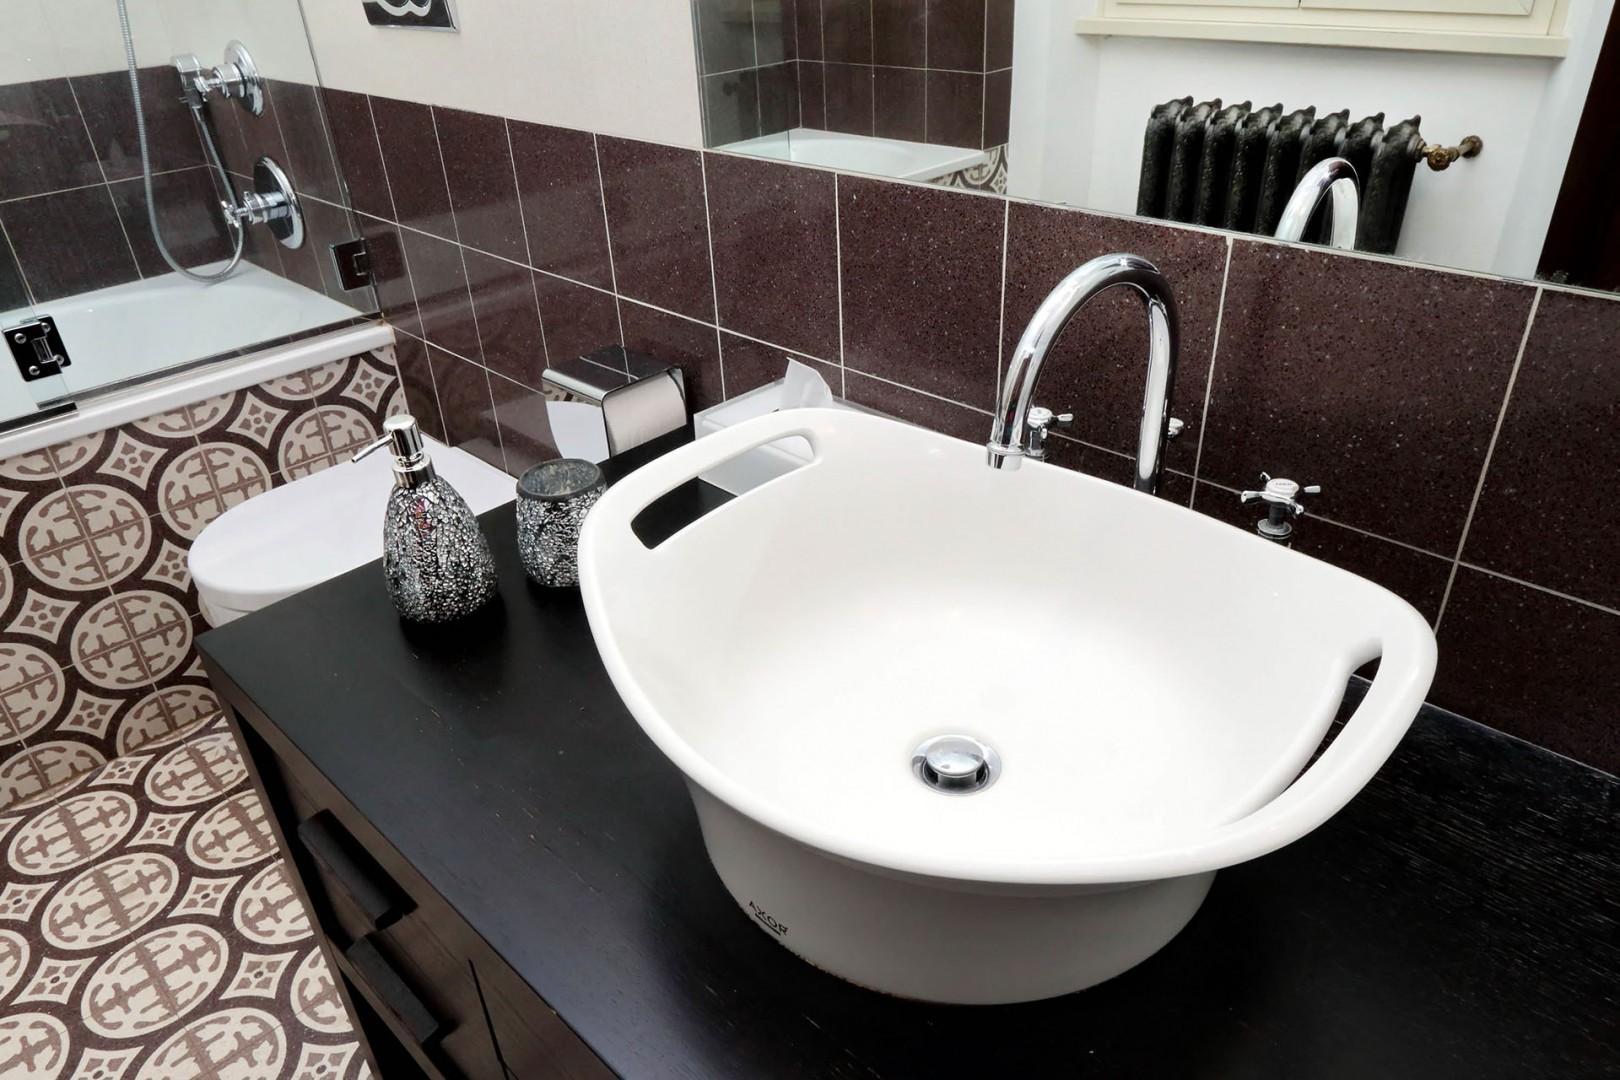 Detail of sink area in bathroom 2.